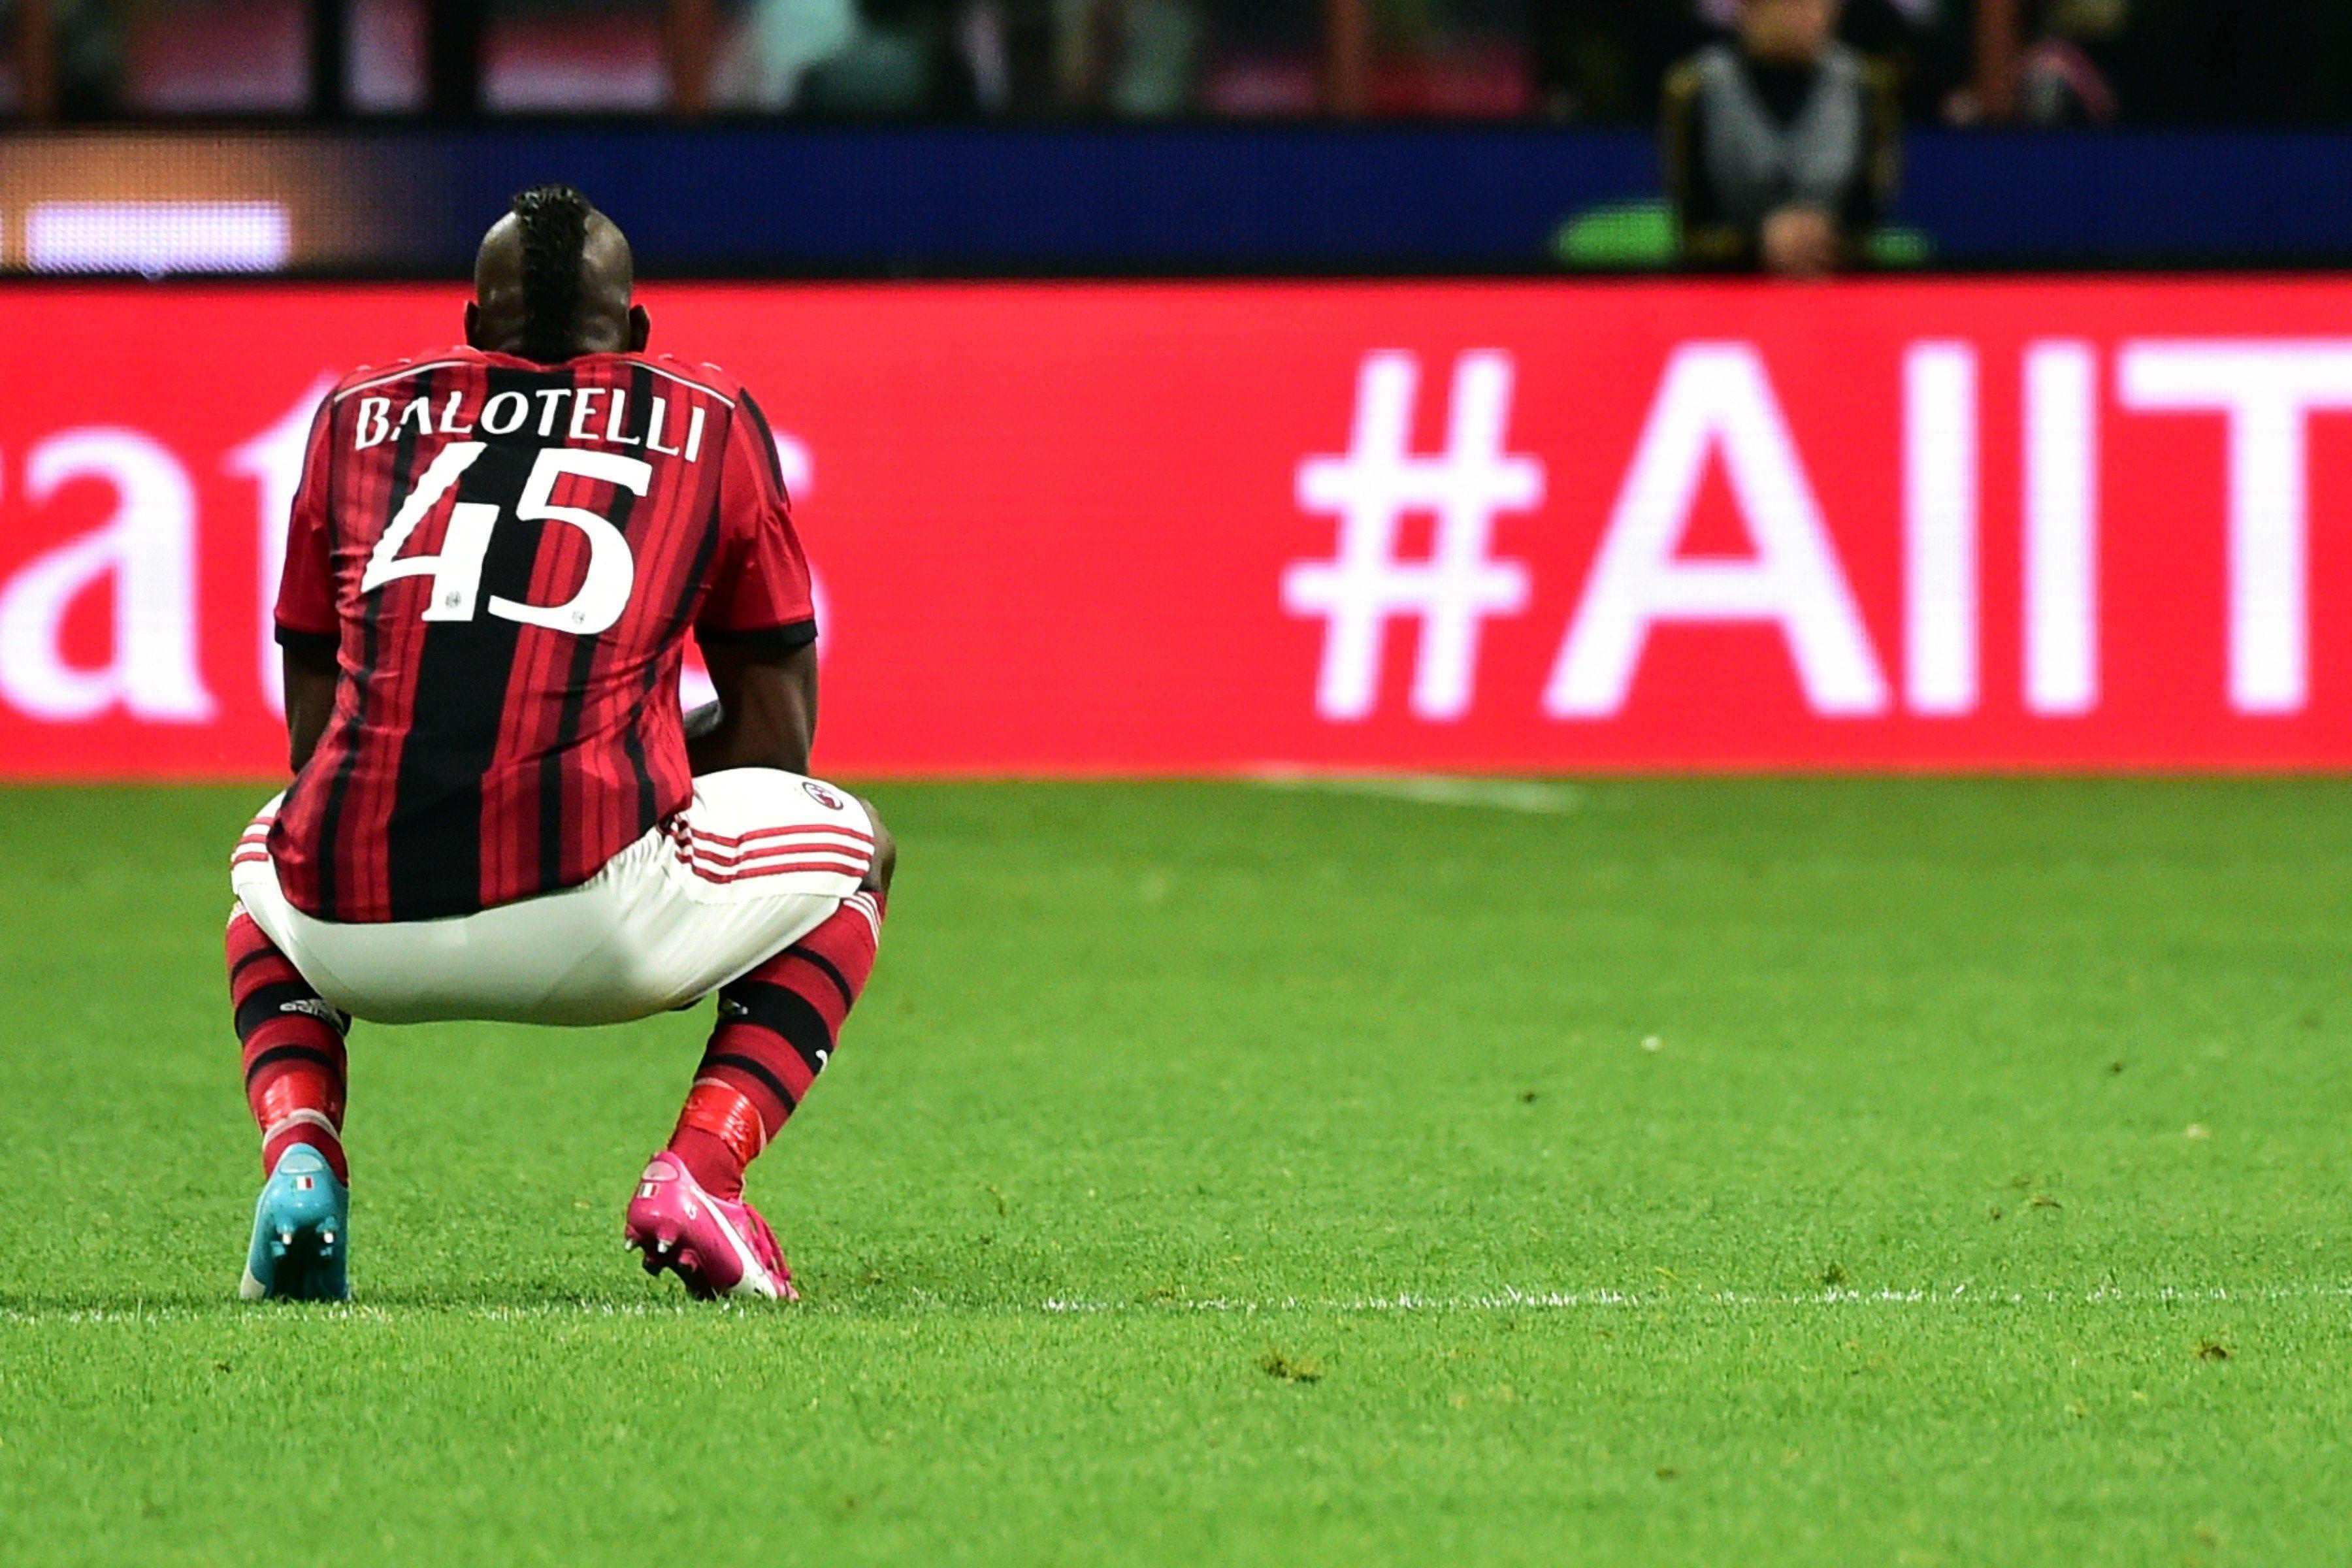 Mario Balotelli, presto tornerà a indossare la maglia del Milan